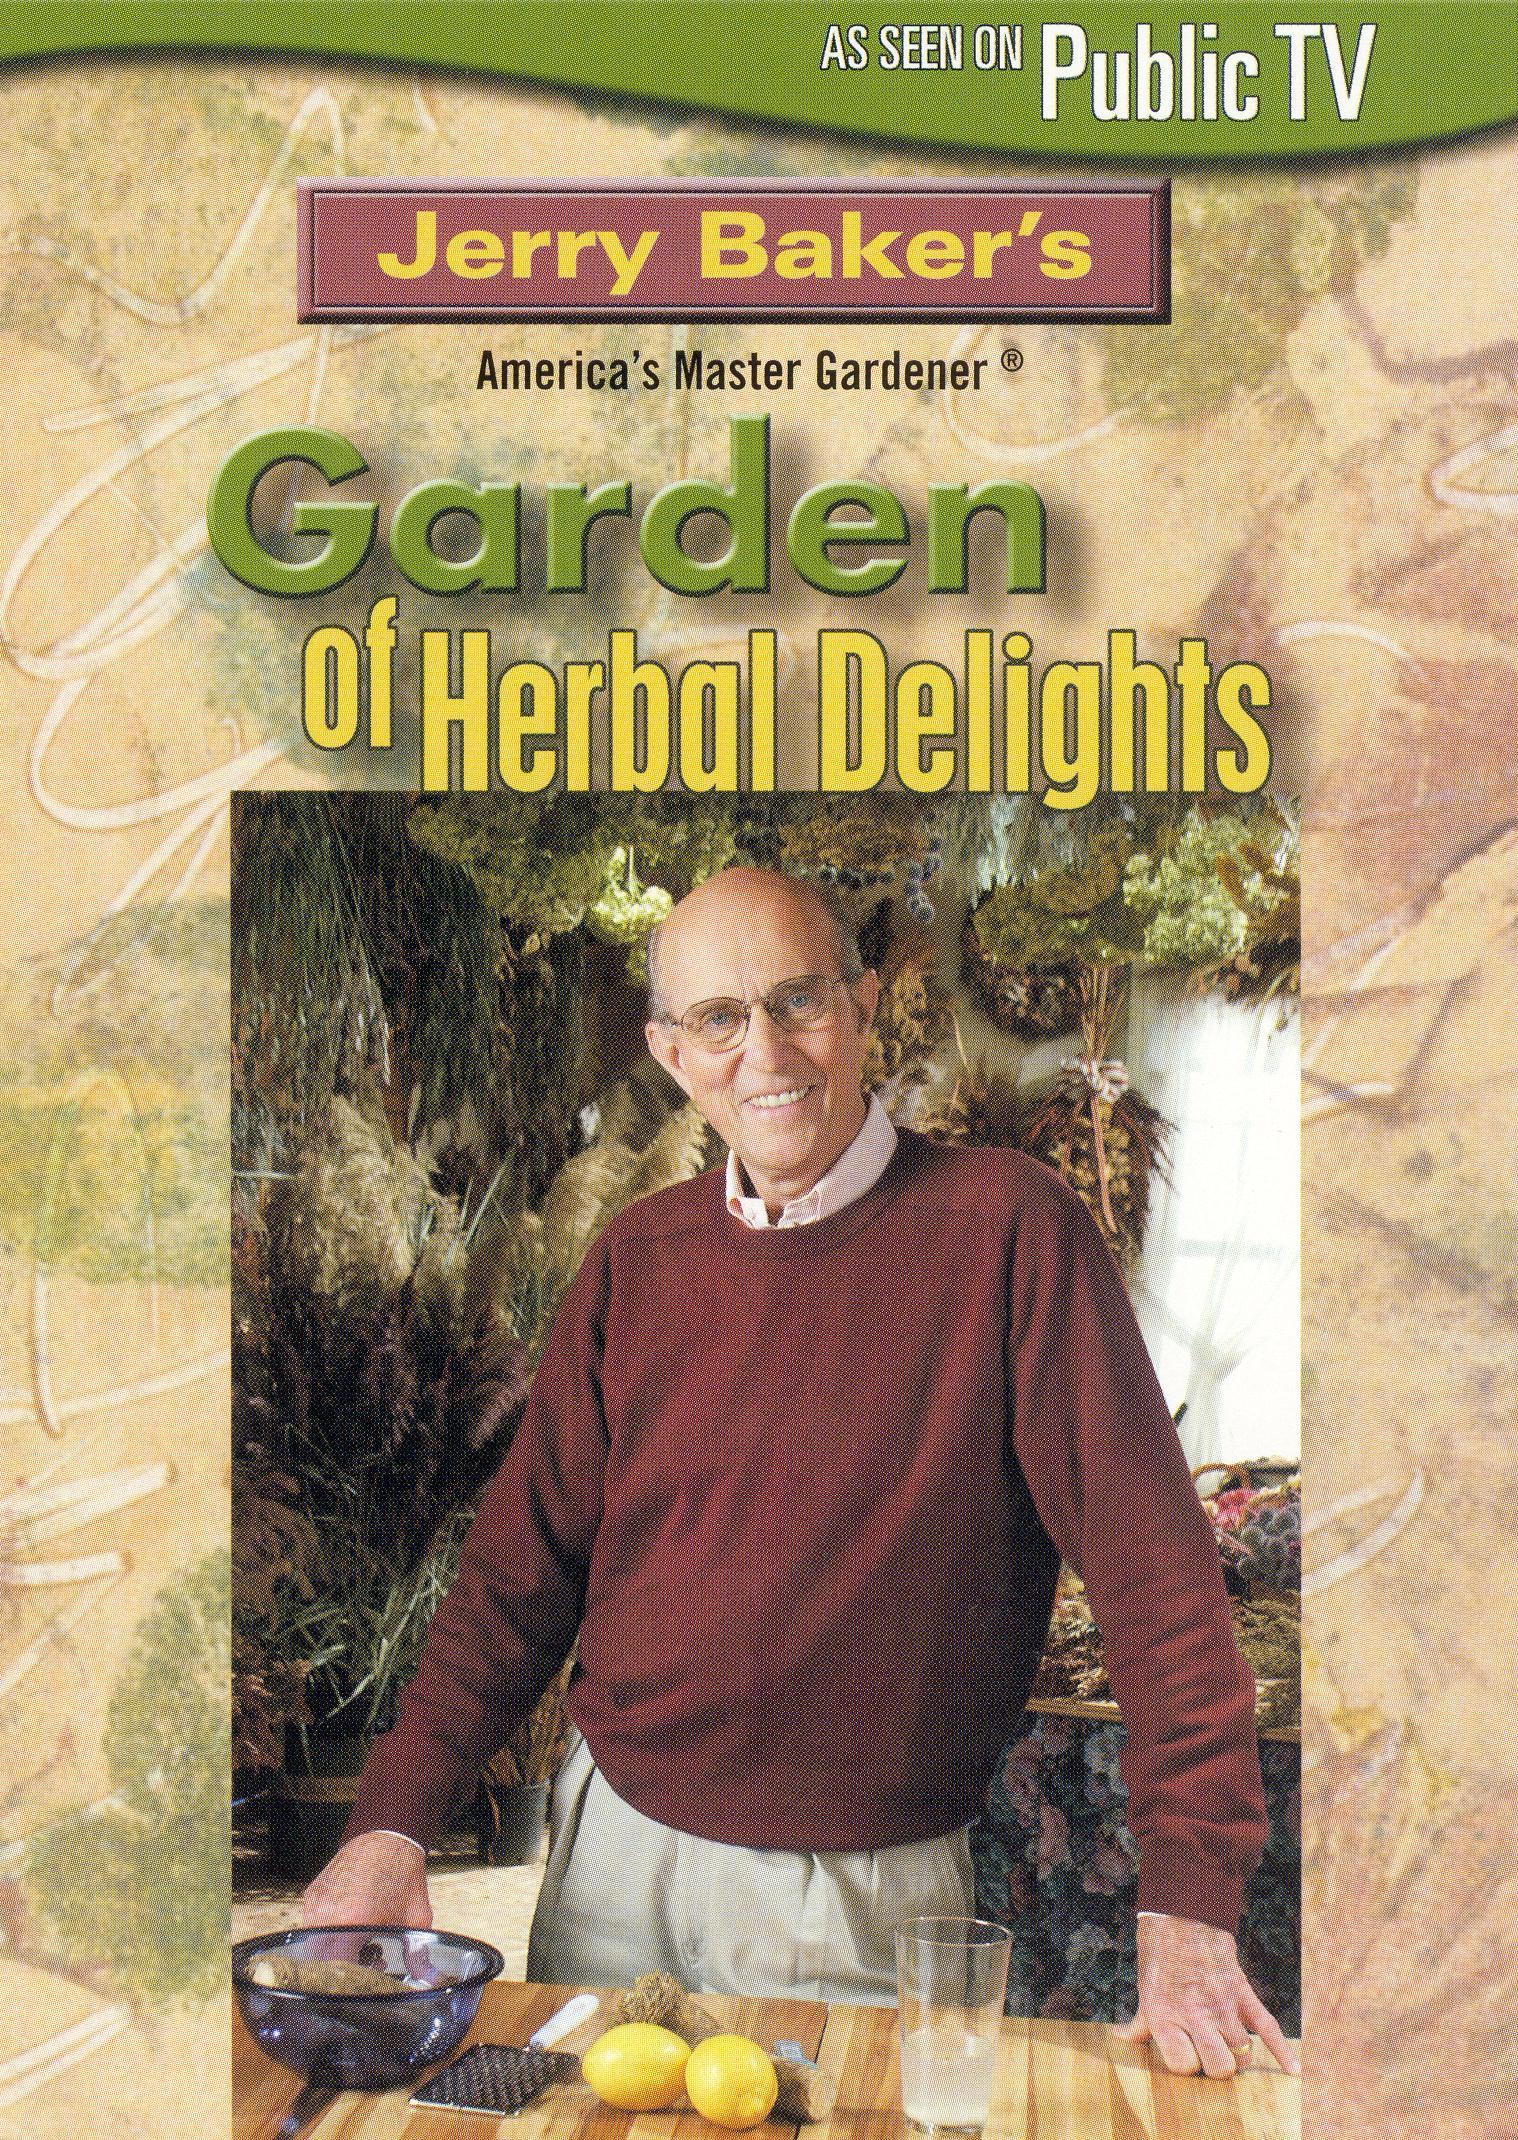 Jerry Baker's Gaden of Herbal Delights